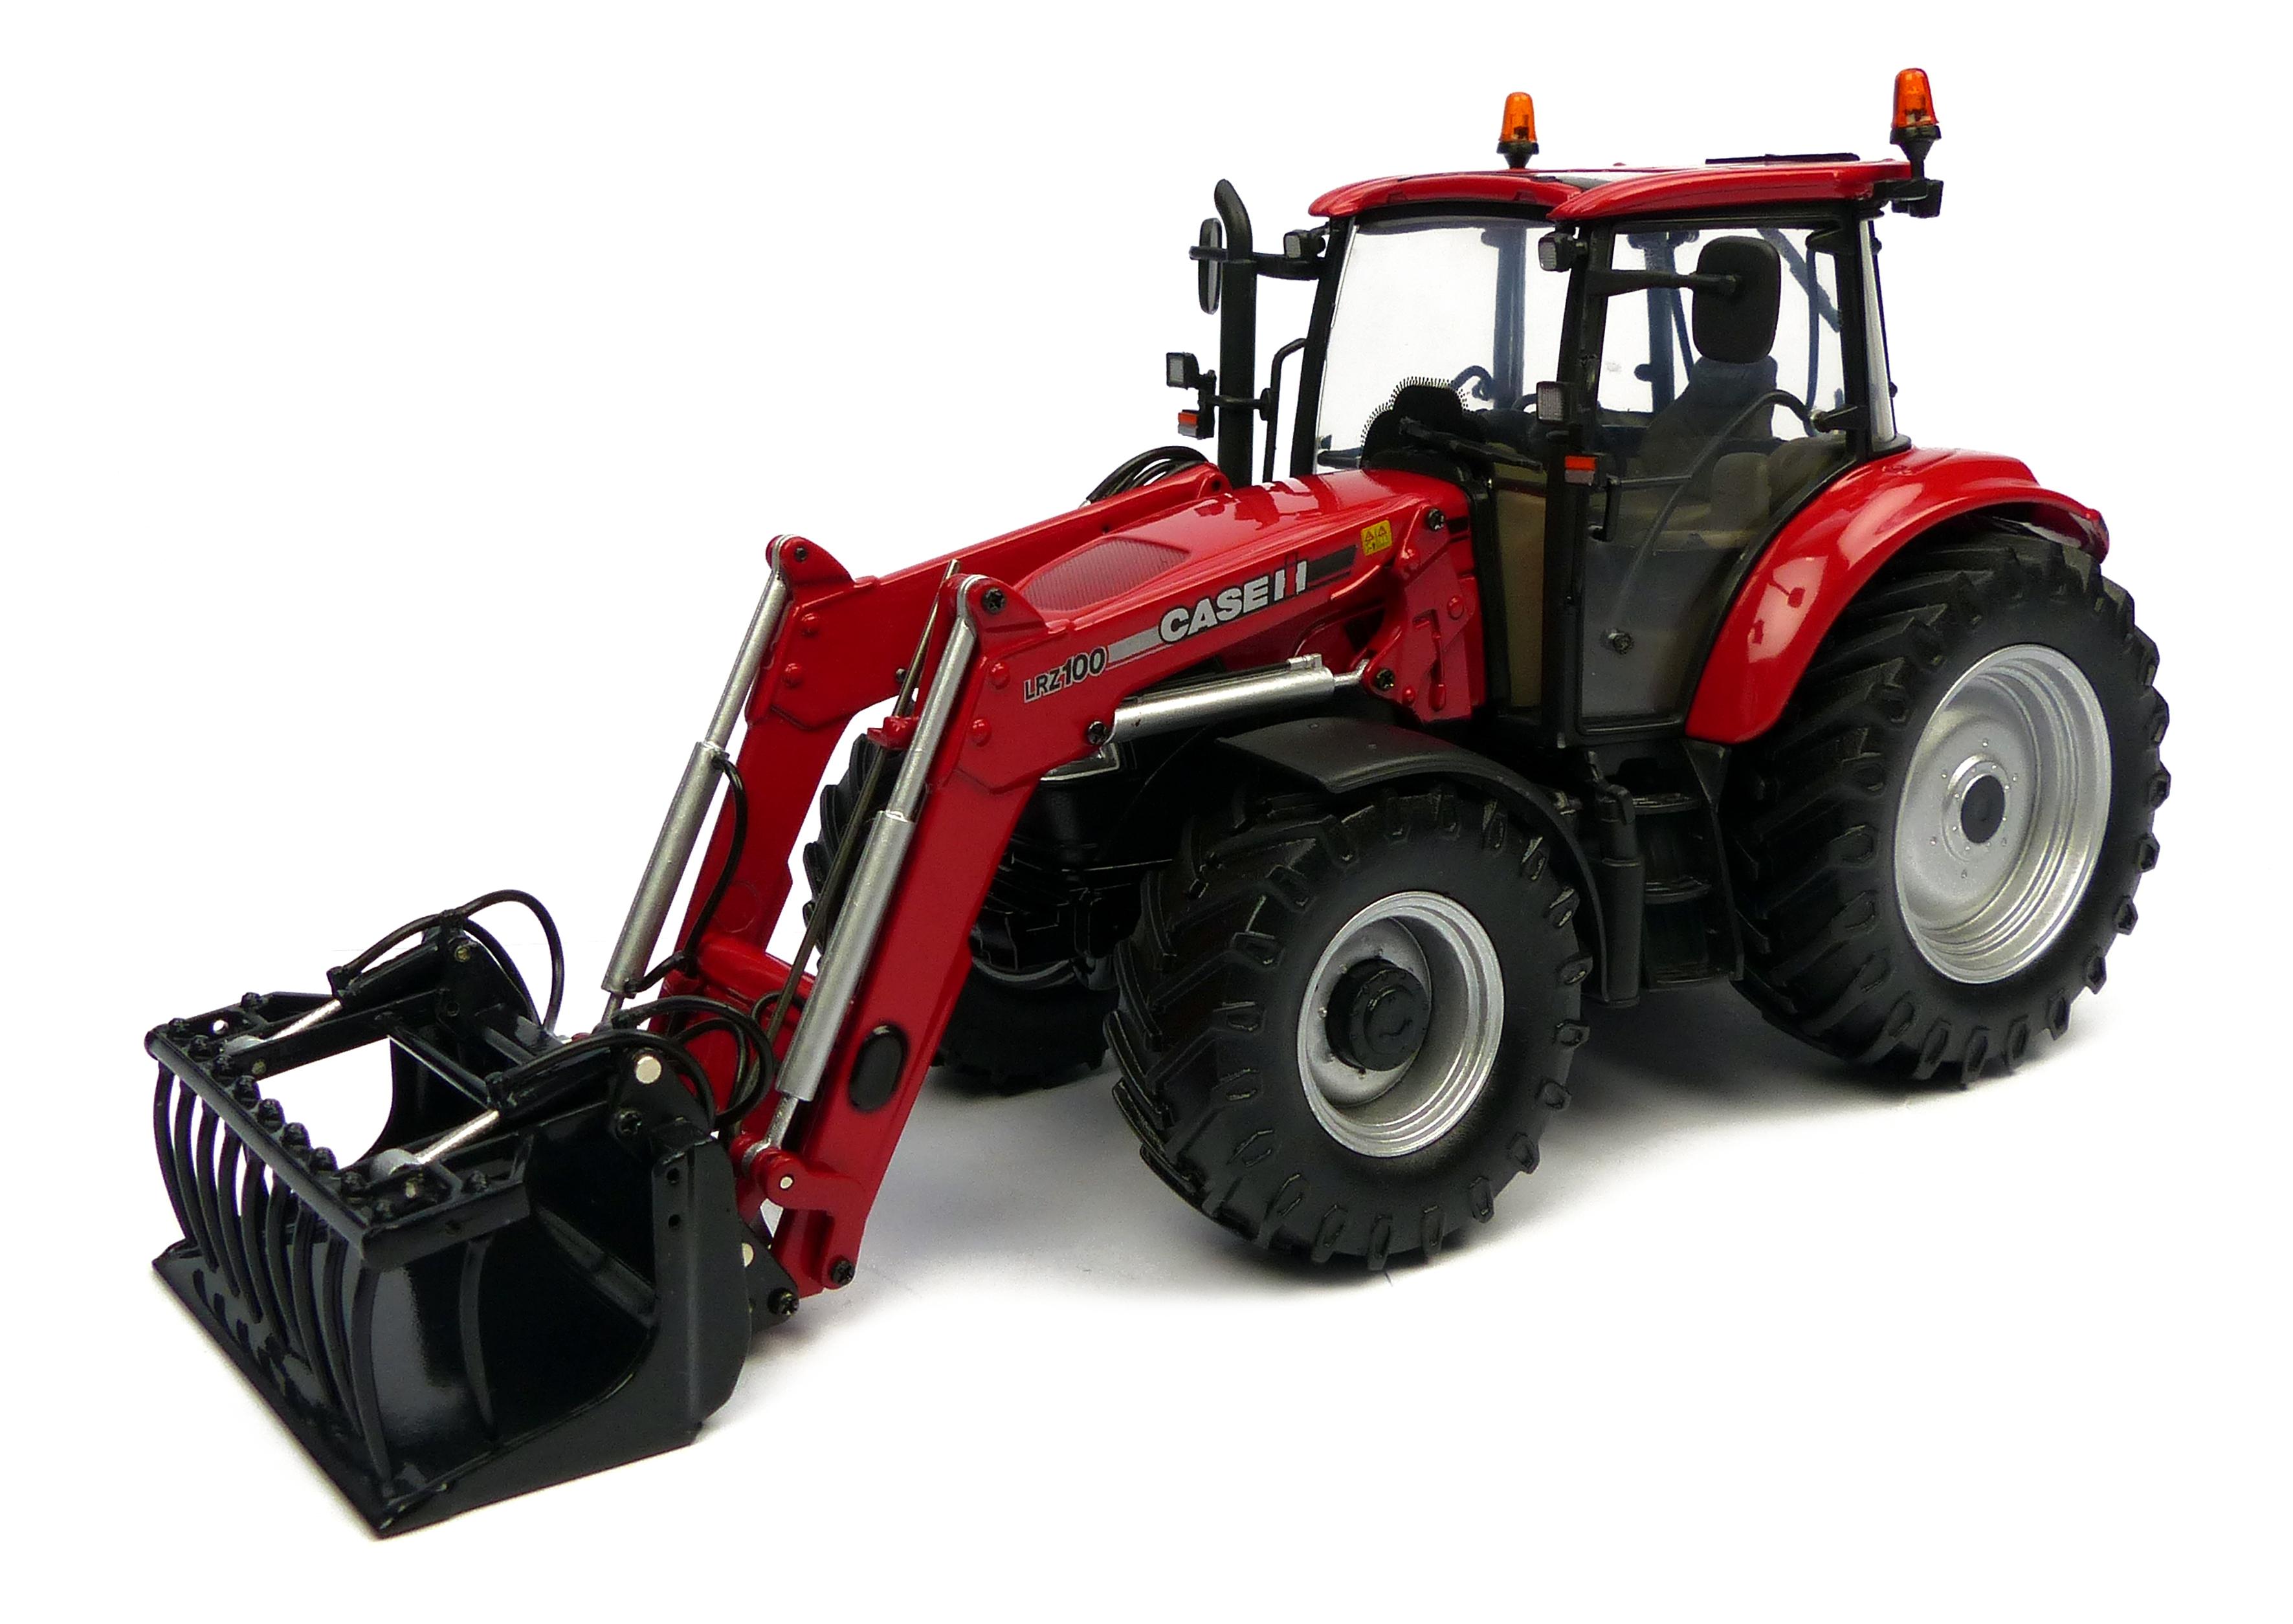 Case farmall u 115 avec fourche avant fabriqu par universal hobbies echelle 1 32 - Tracteur avec fourche ...